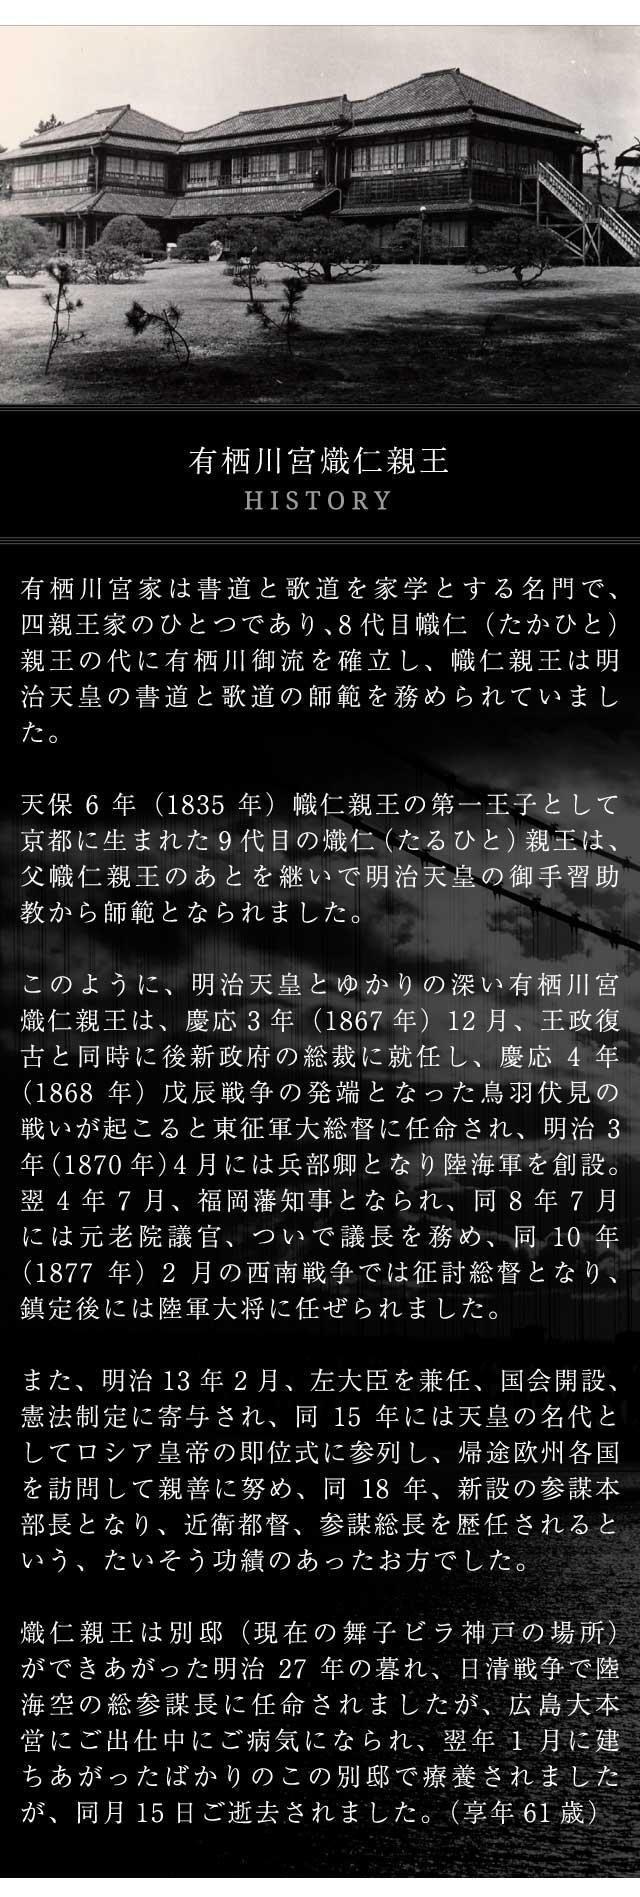 シーサイドホテル舞子ビラ神戸 【スマホ版】歴史【楽天トラベル】